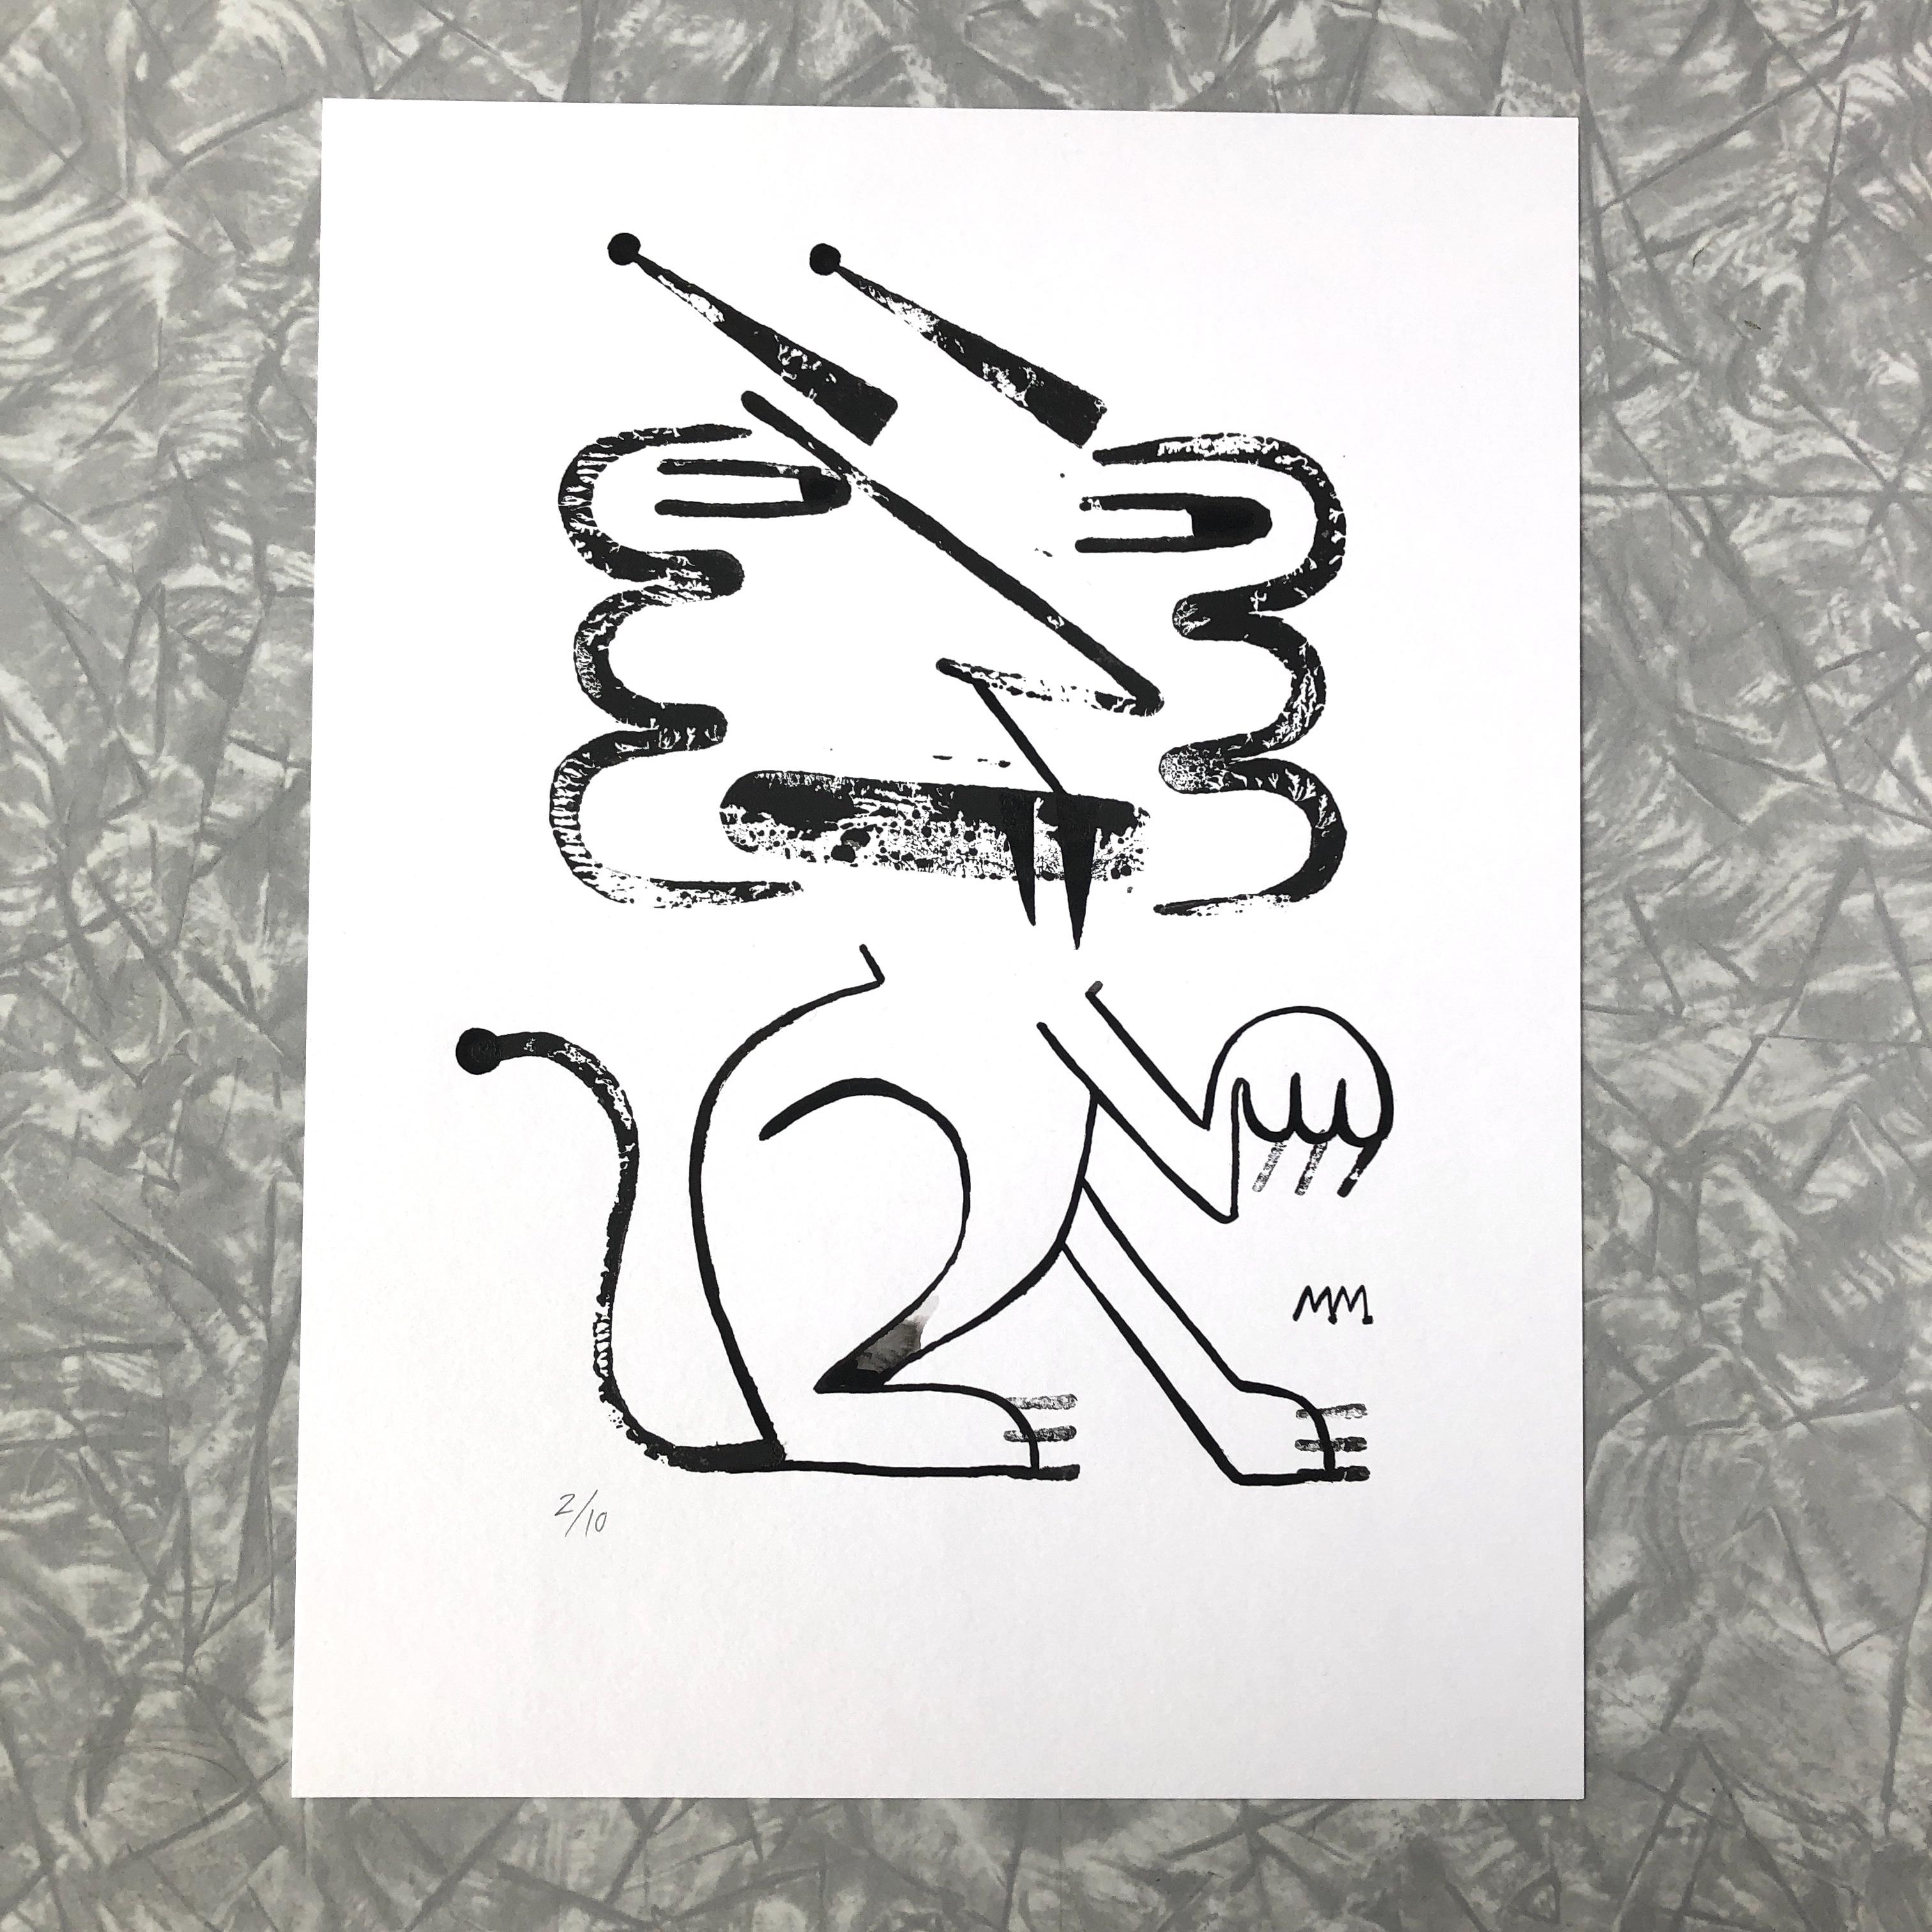 La bête 2/10